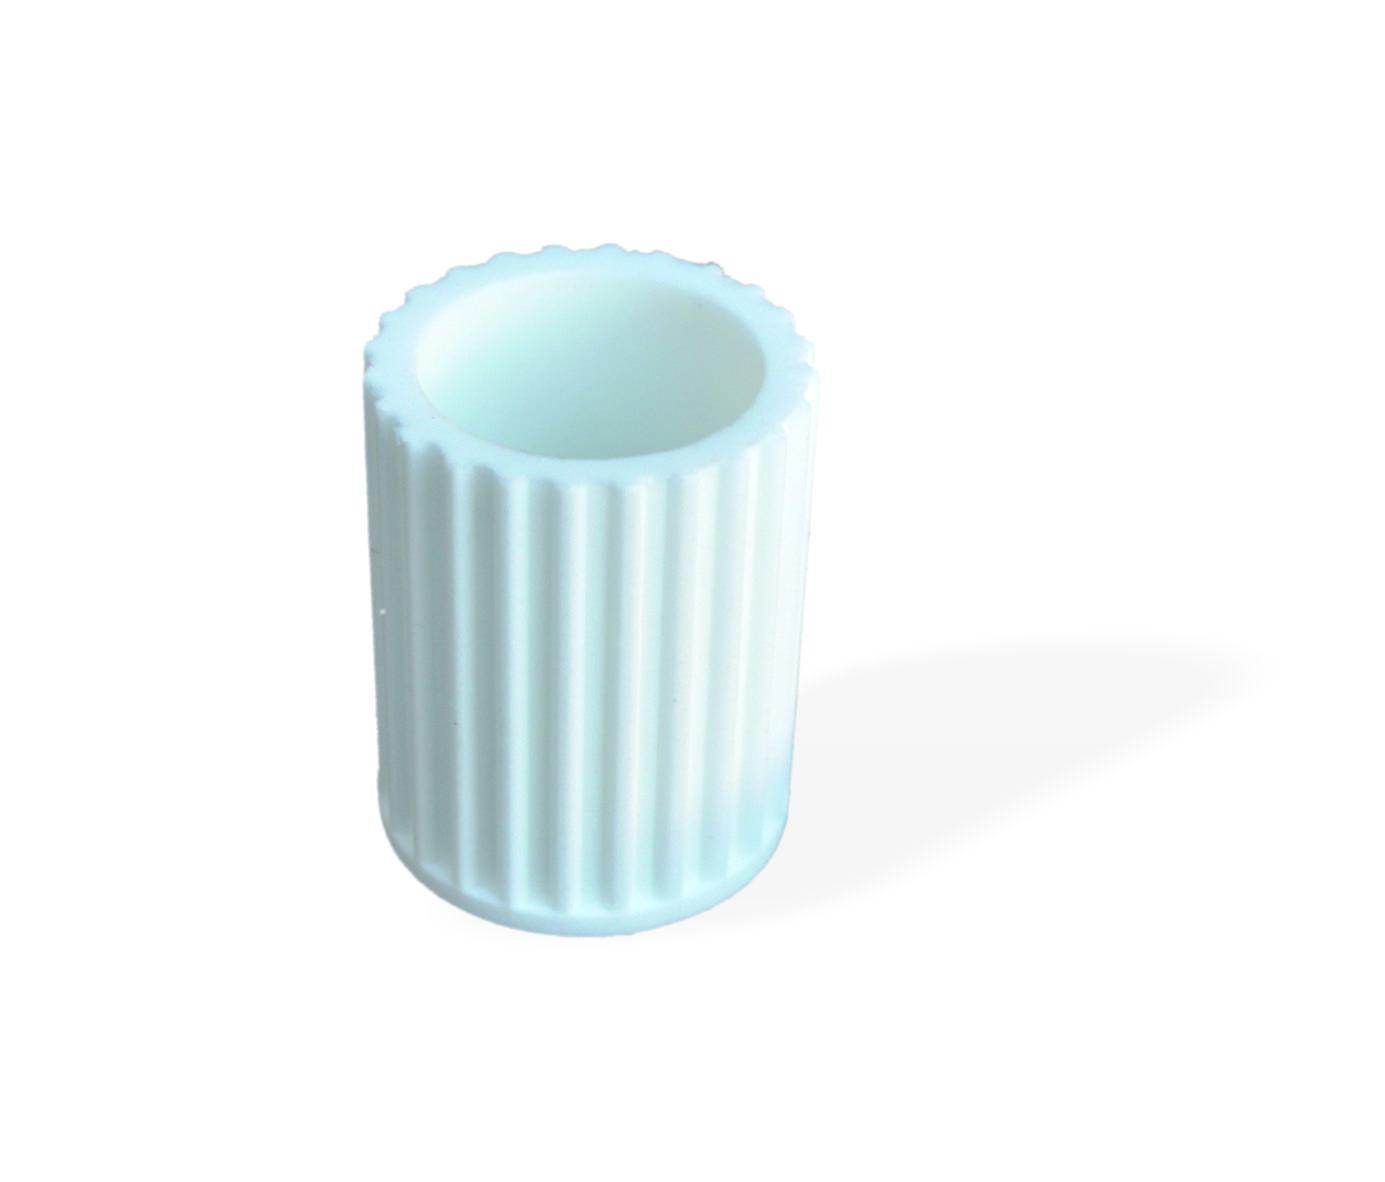 Сменный элемент WiederkraftОснастка пневматическая<br>Тип оснастки: фильтр,<br>Назначение: для пневмоинструмента<br>